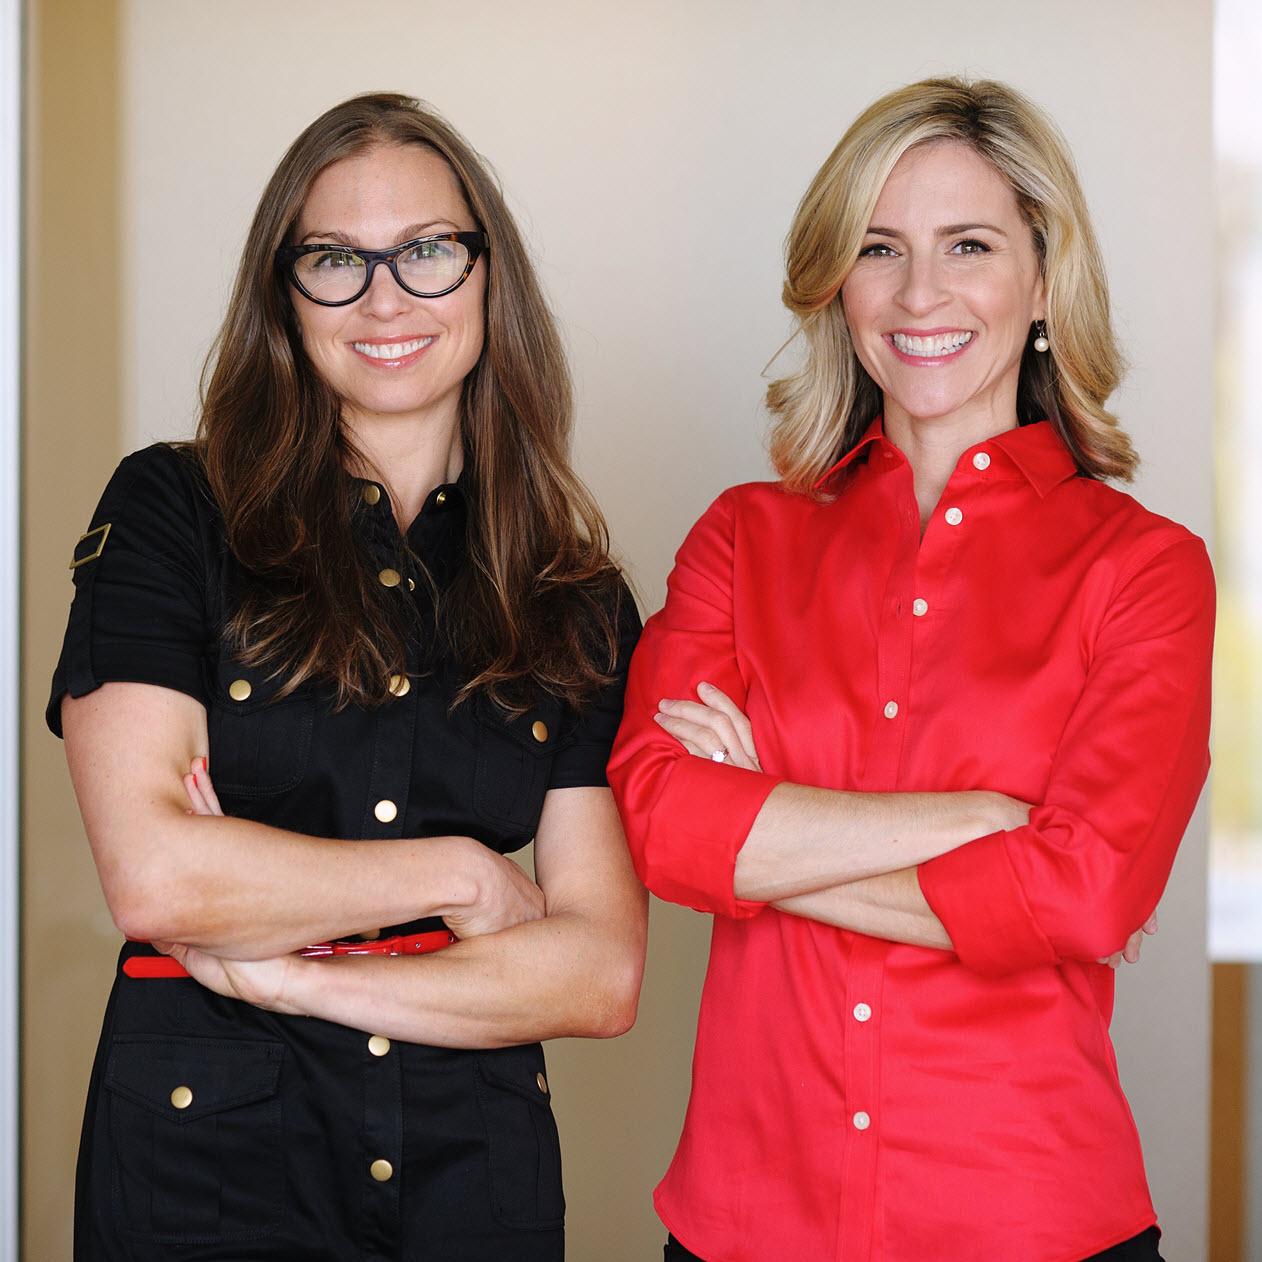 Janine and Lee - Women Entrepreneurs